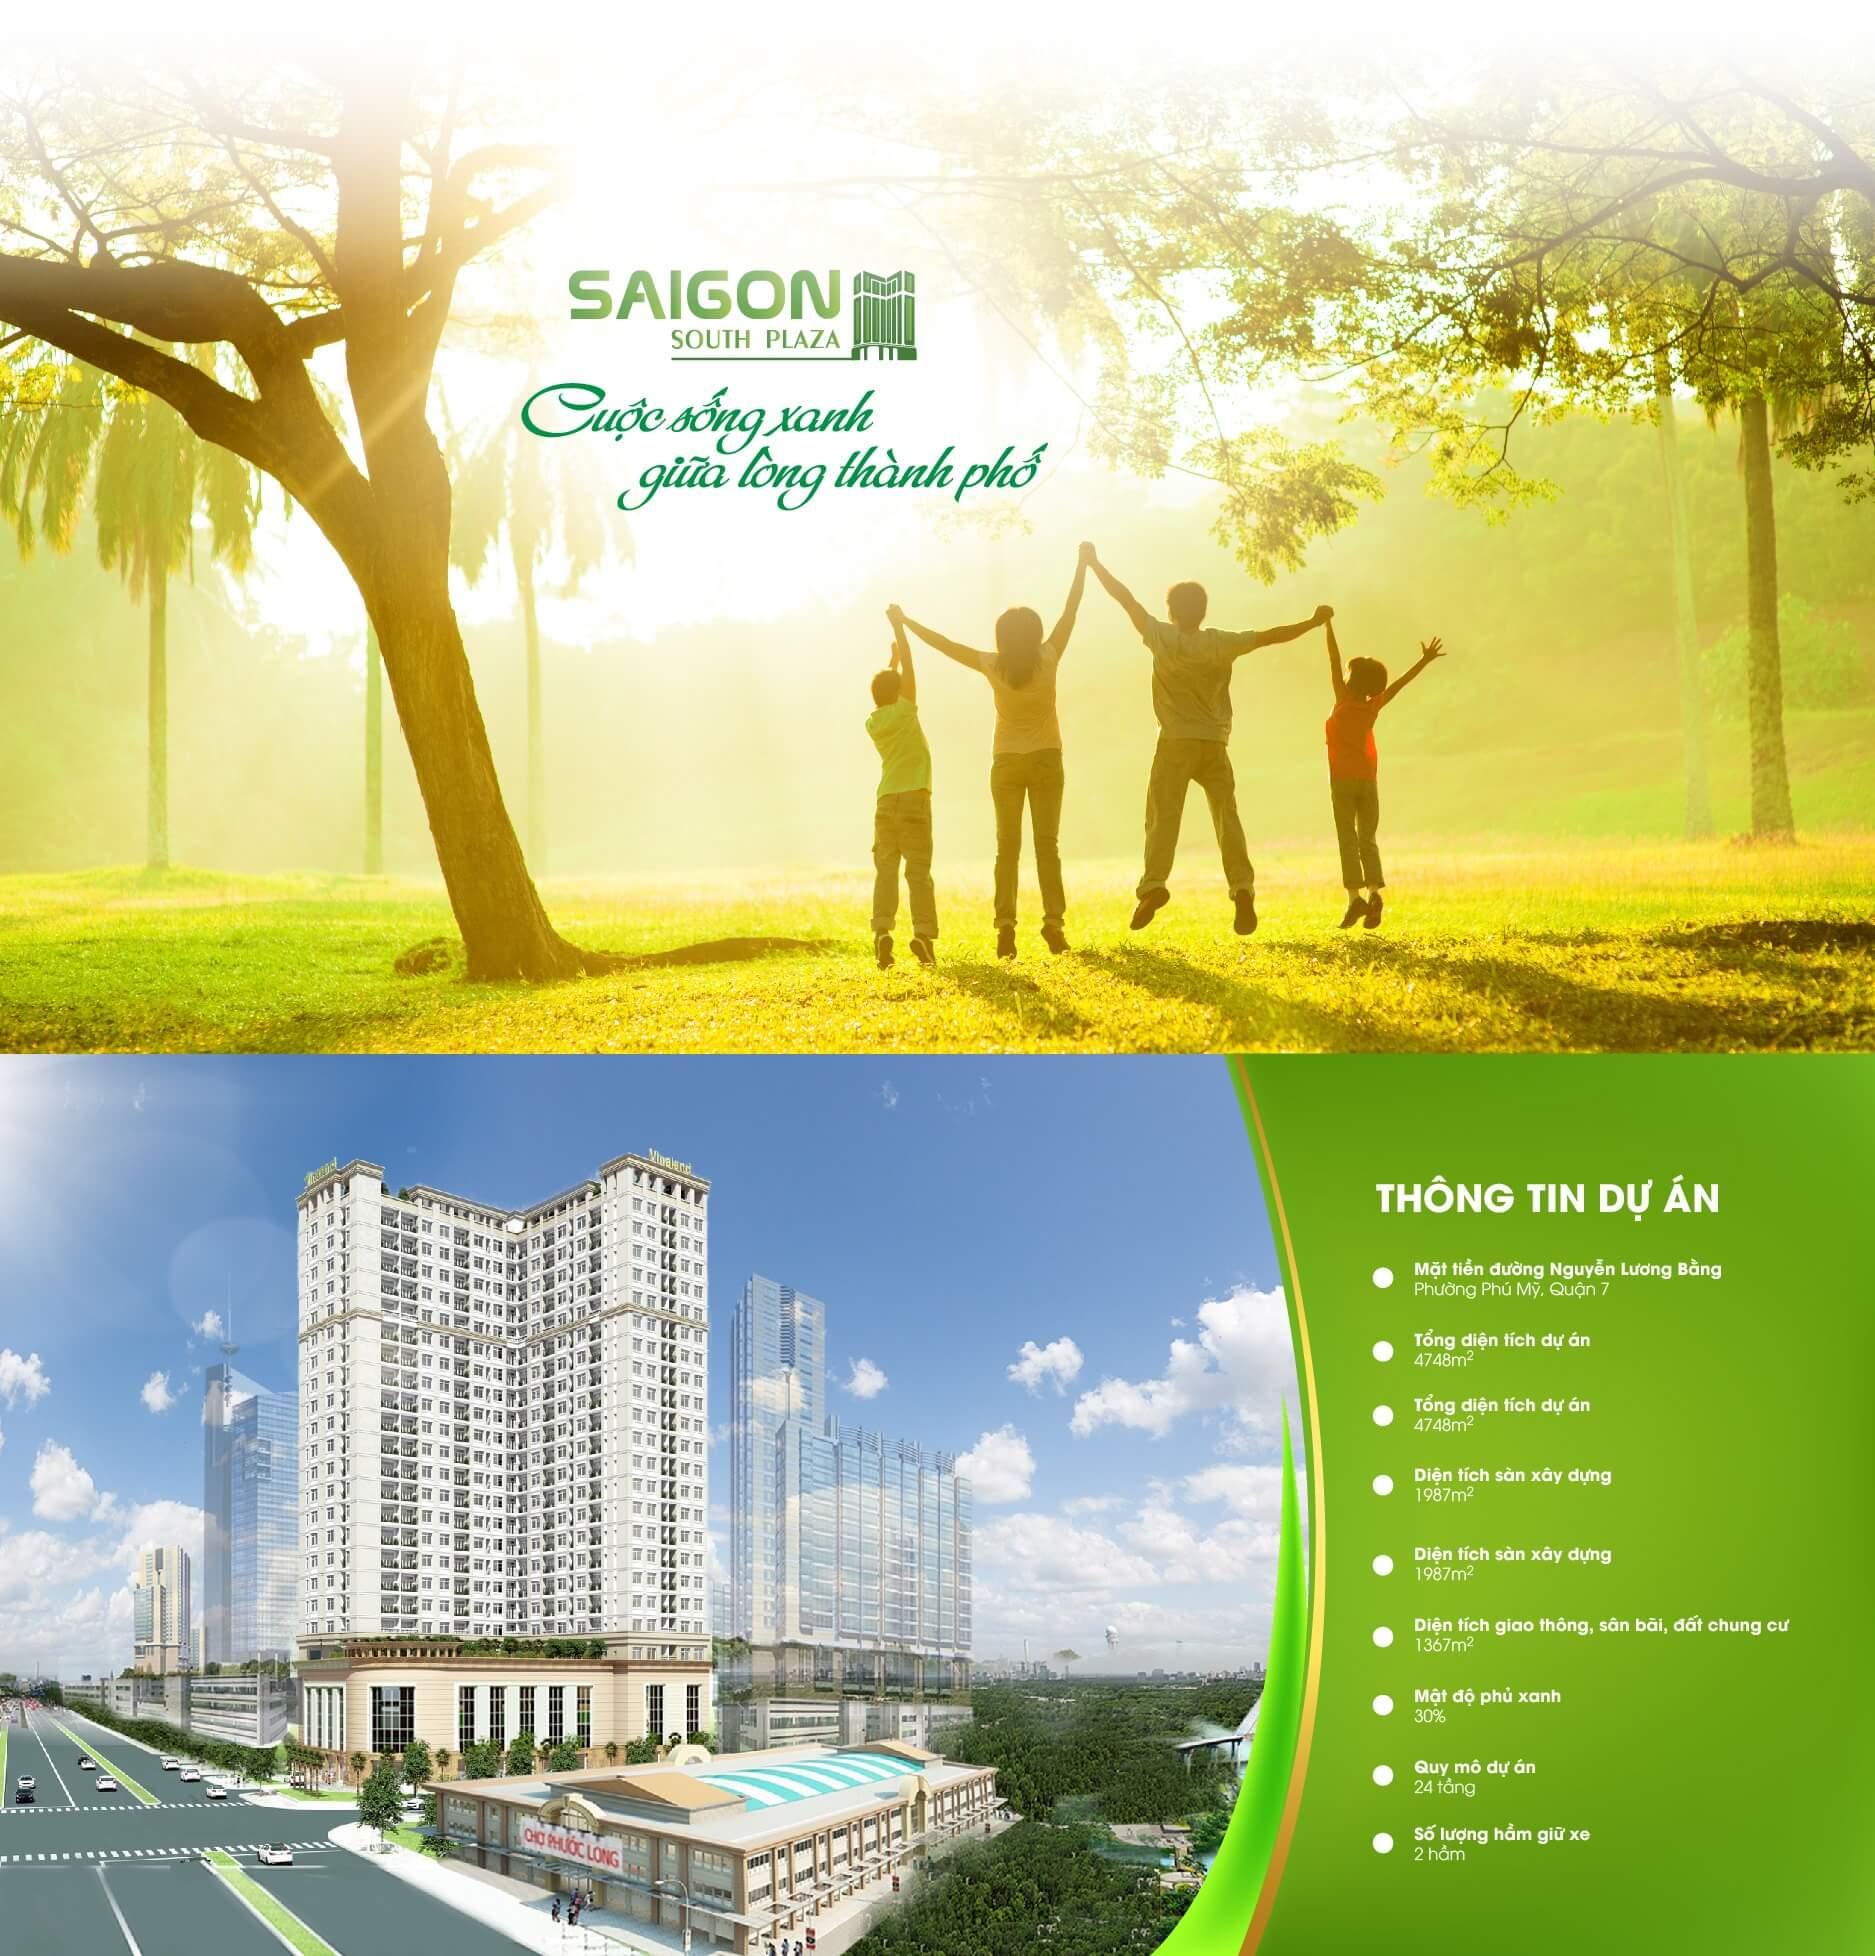 Tổng quan căn hộ Saigon South Plaza